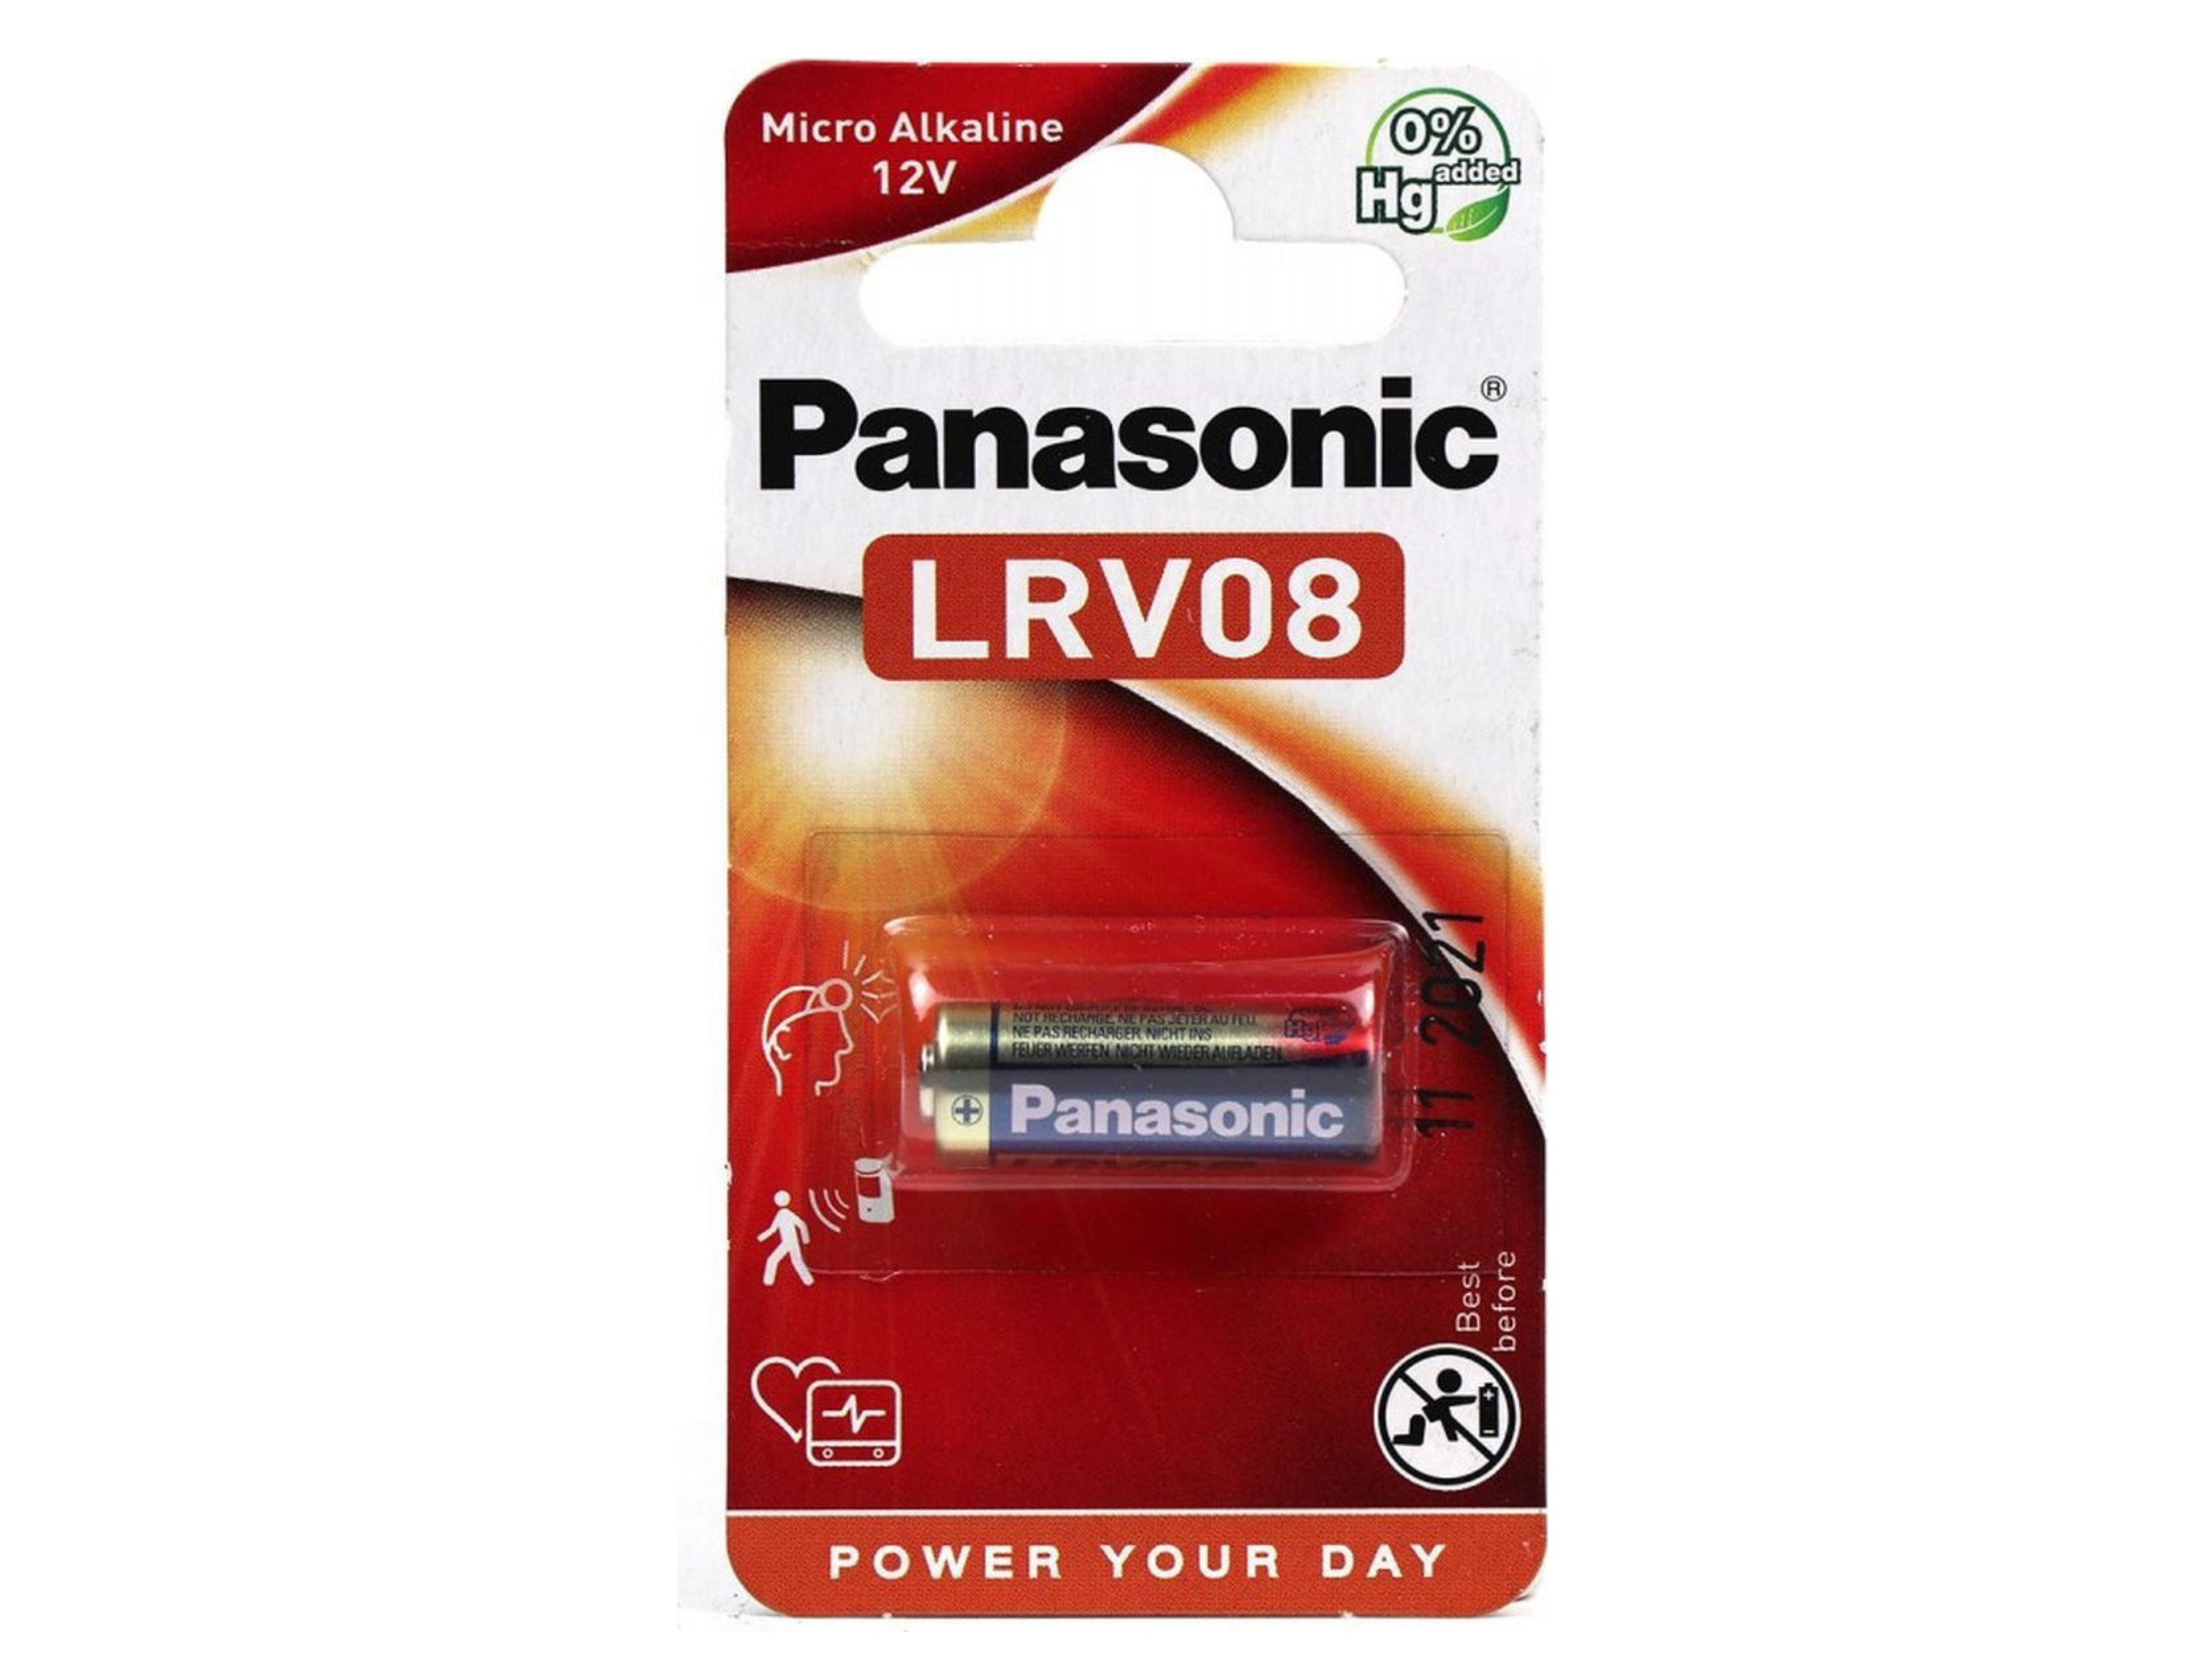 Μπαταρία Αλκαλική Panasonic LRV08 23A, 23GA, A23, E23A, GP23A, K23A, L1028, Τεμ. 1